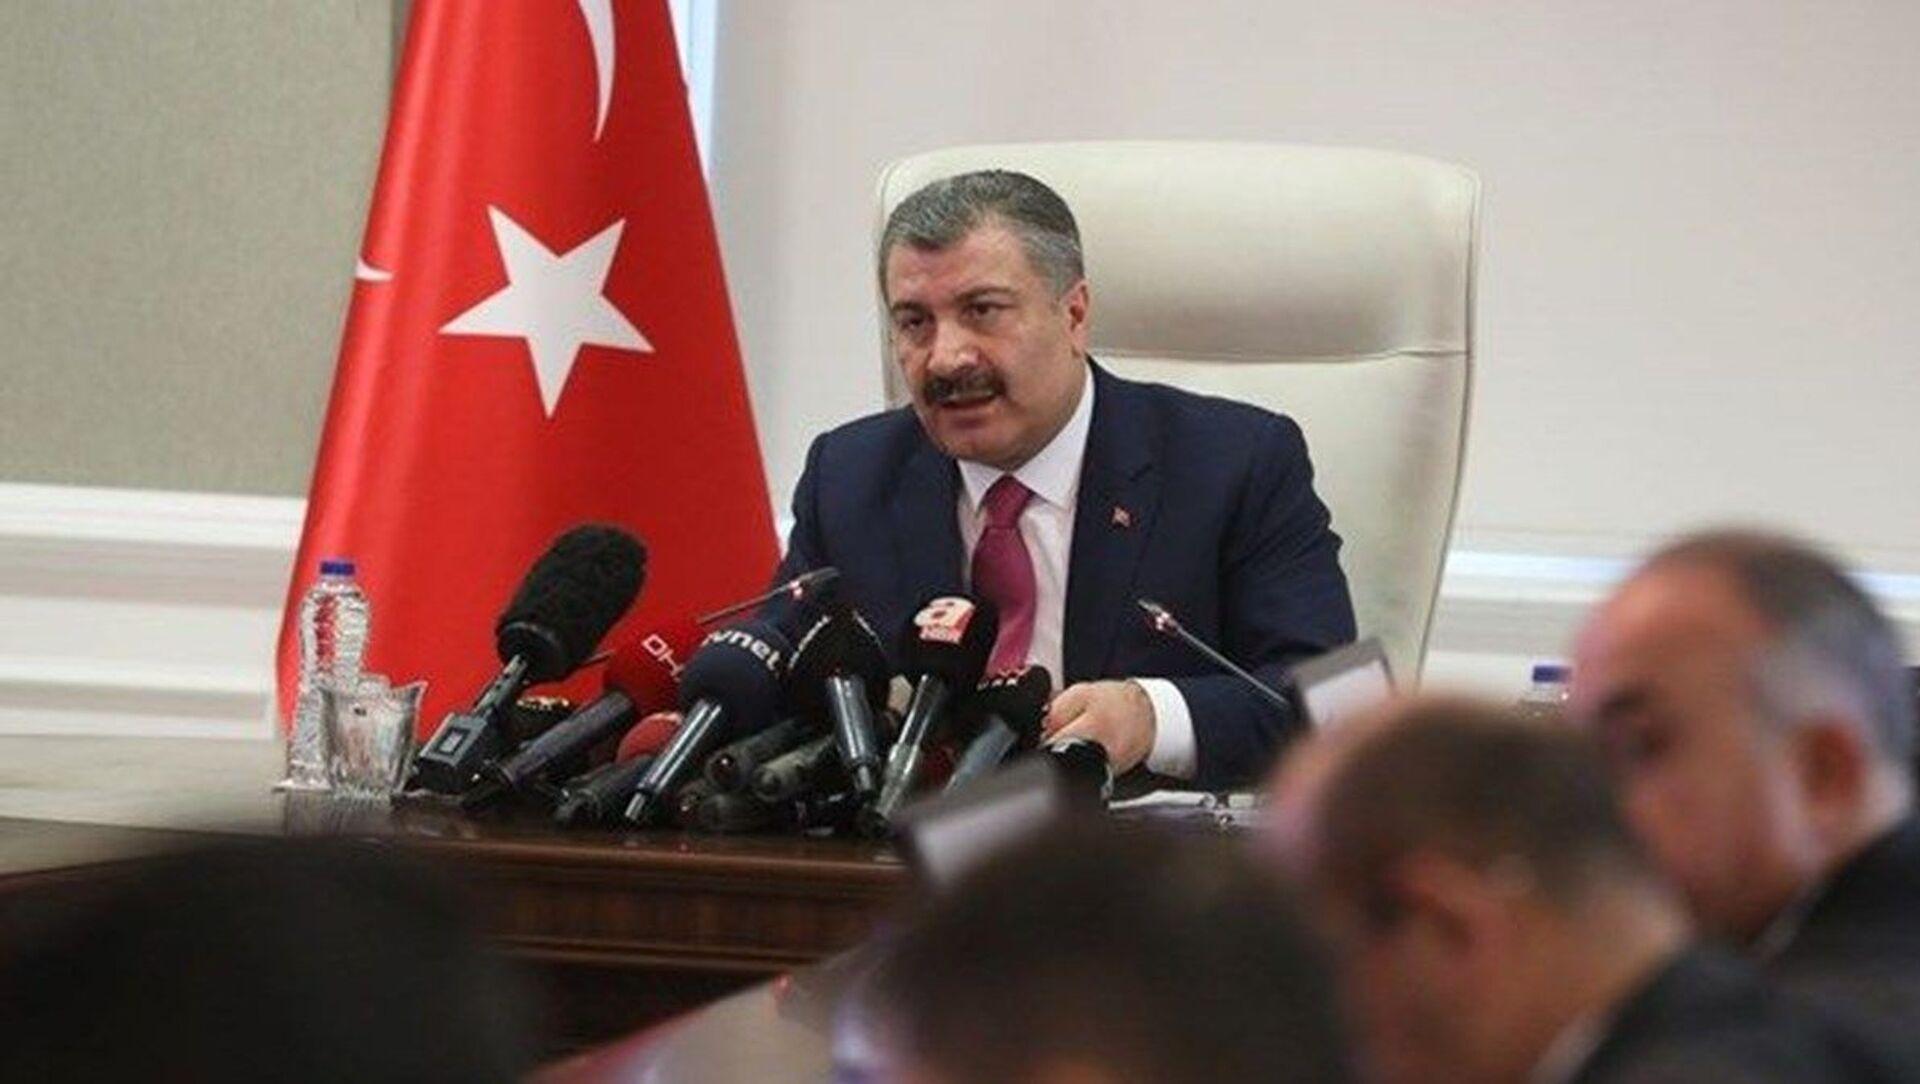 Sağlık Bakanı Fahrettin Koca, Bilim Kurulu toplantısı - Sputnik Türkiye, 1920, 12.04.2021